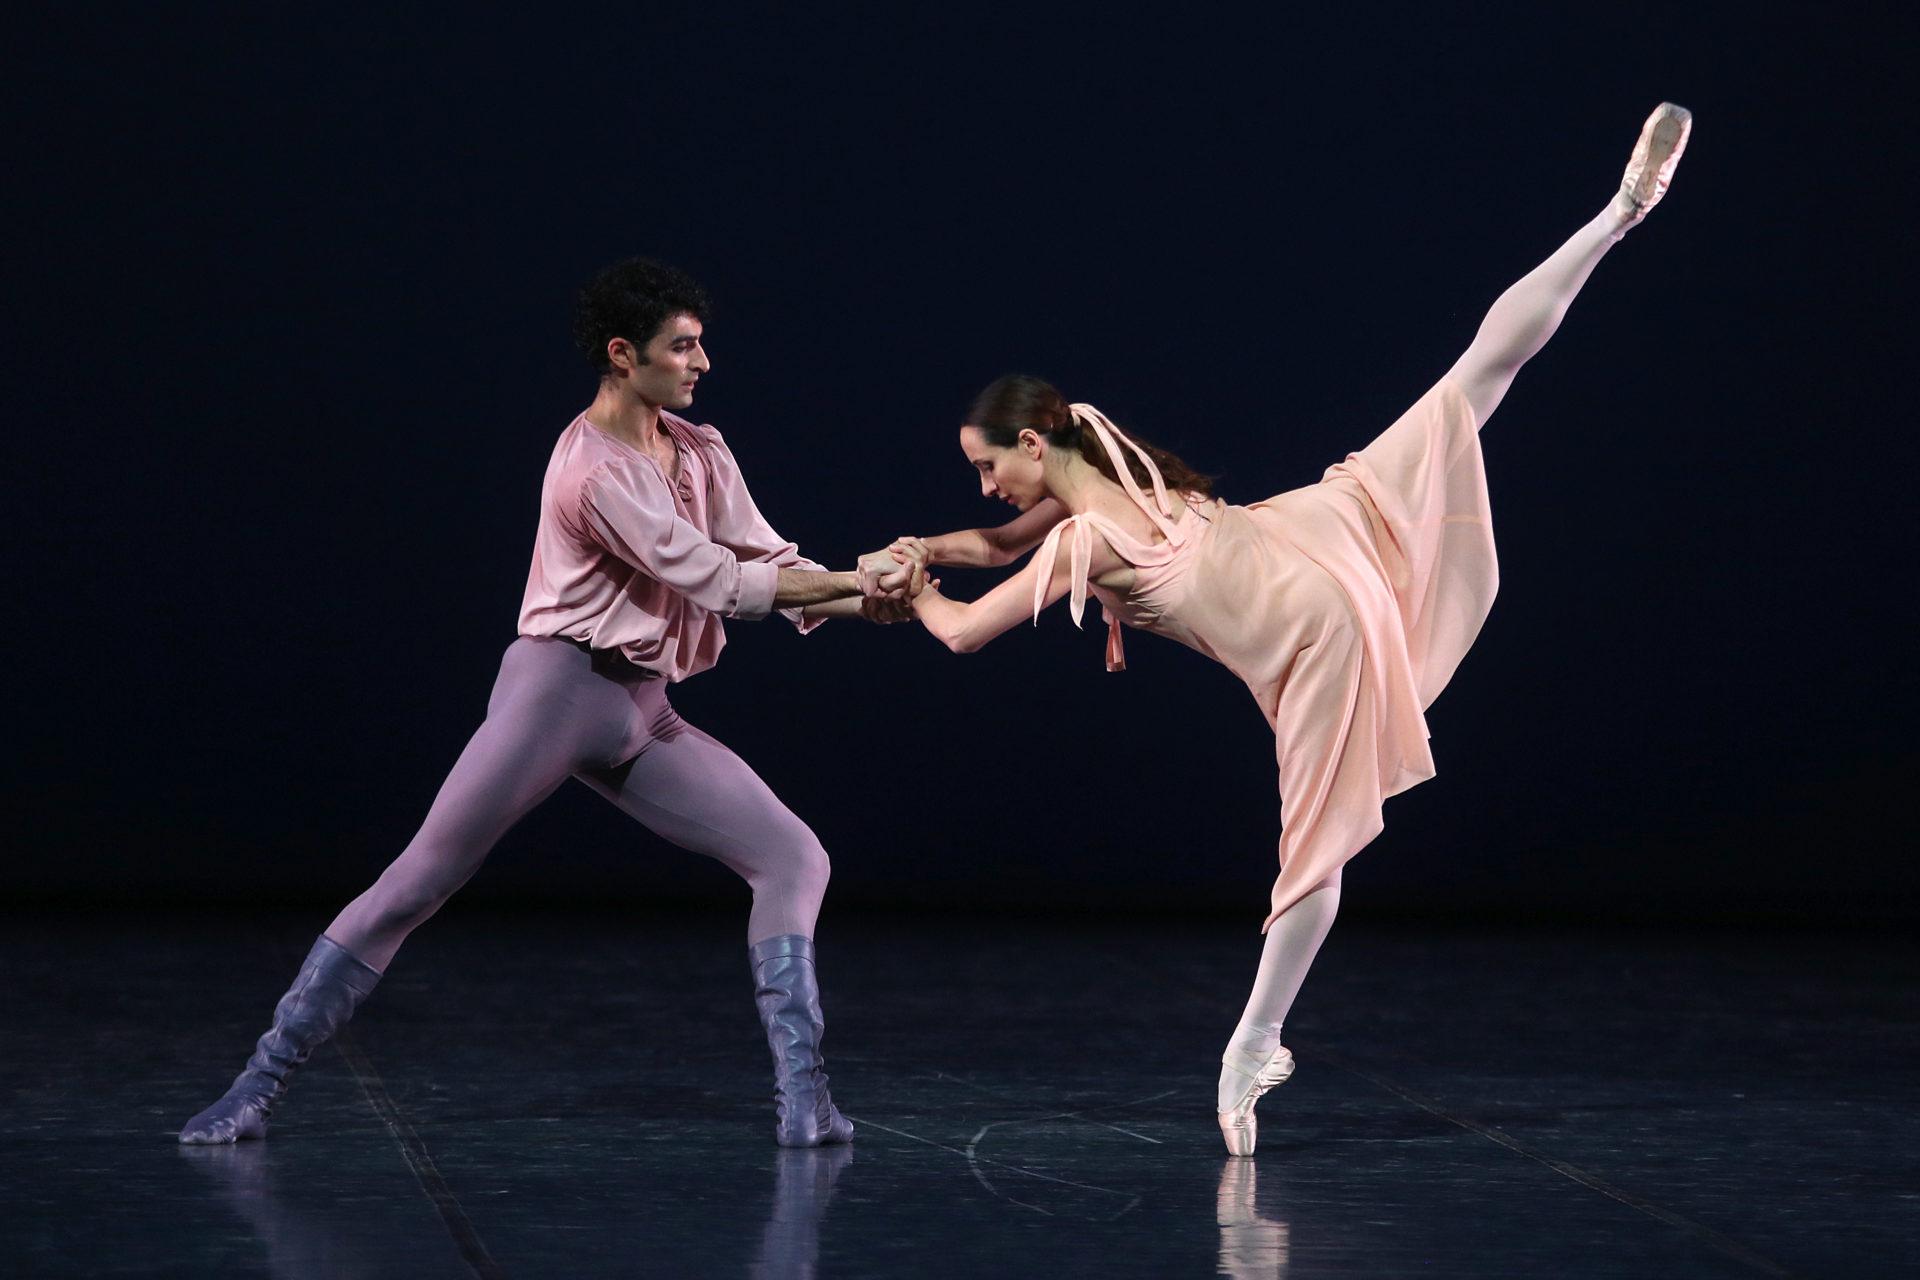 Chopin_Dances_HH_Ballett_Foto_AnjaBeutler.de_261